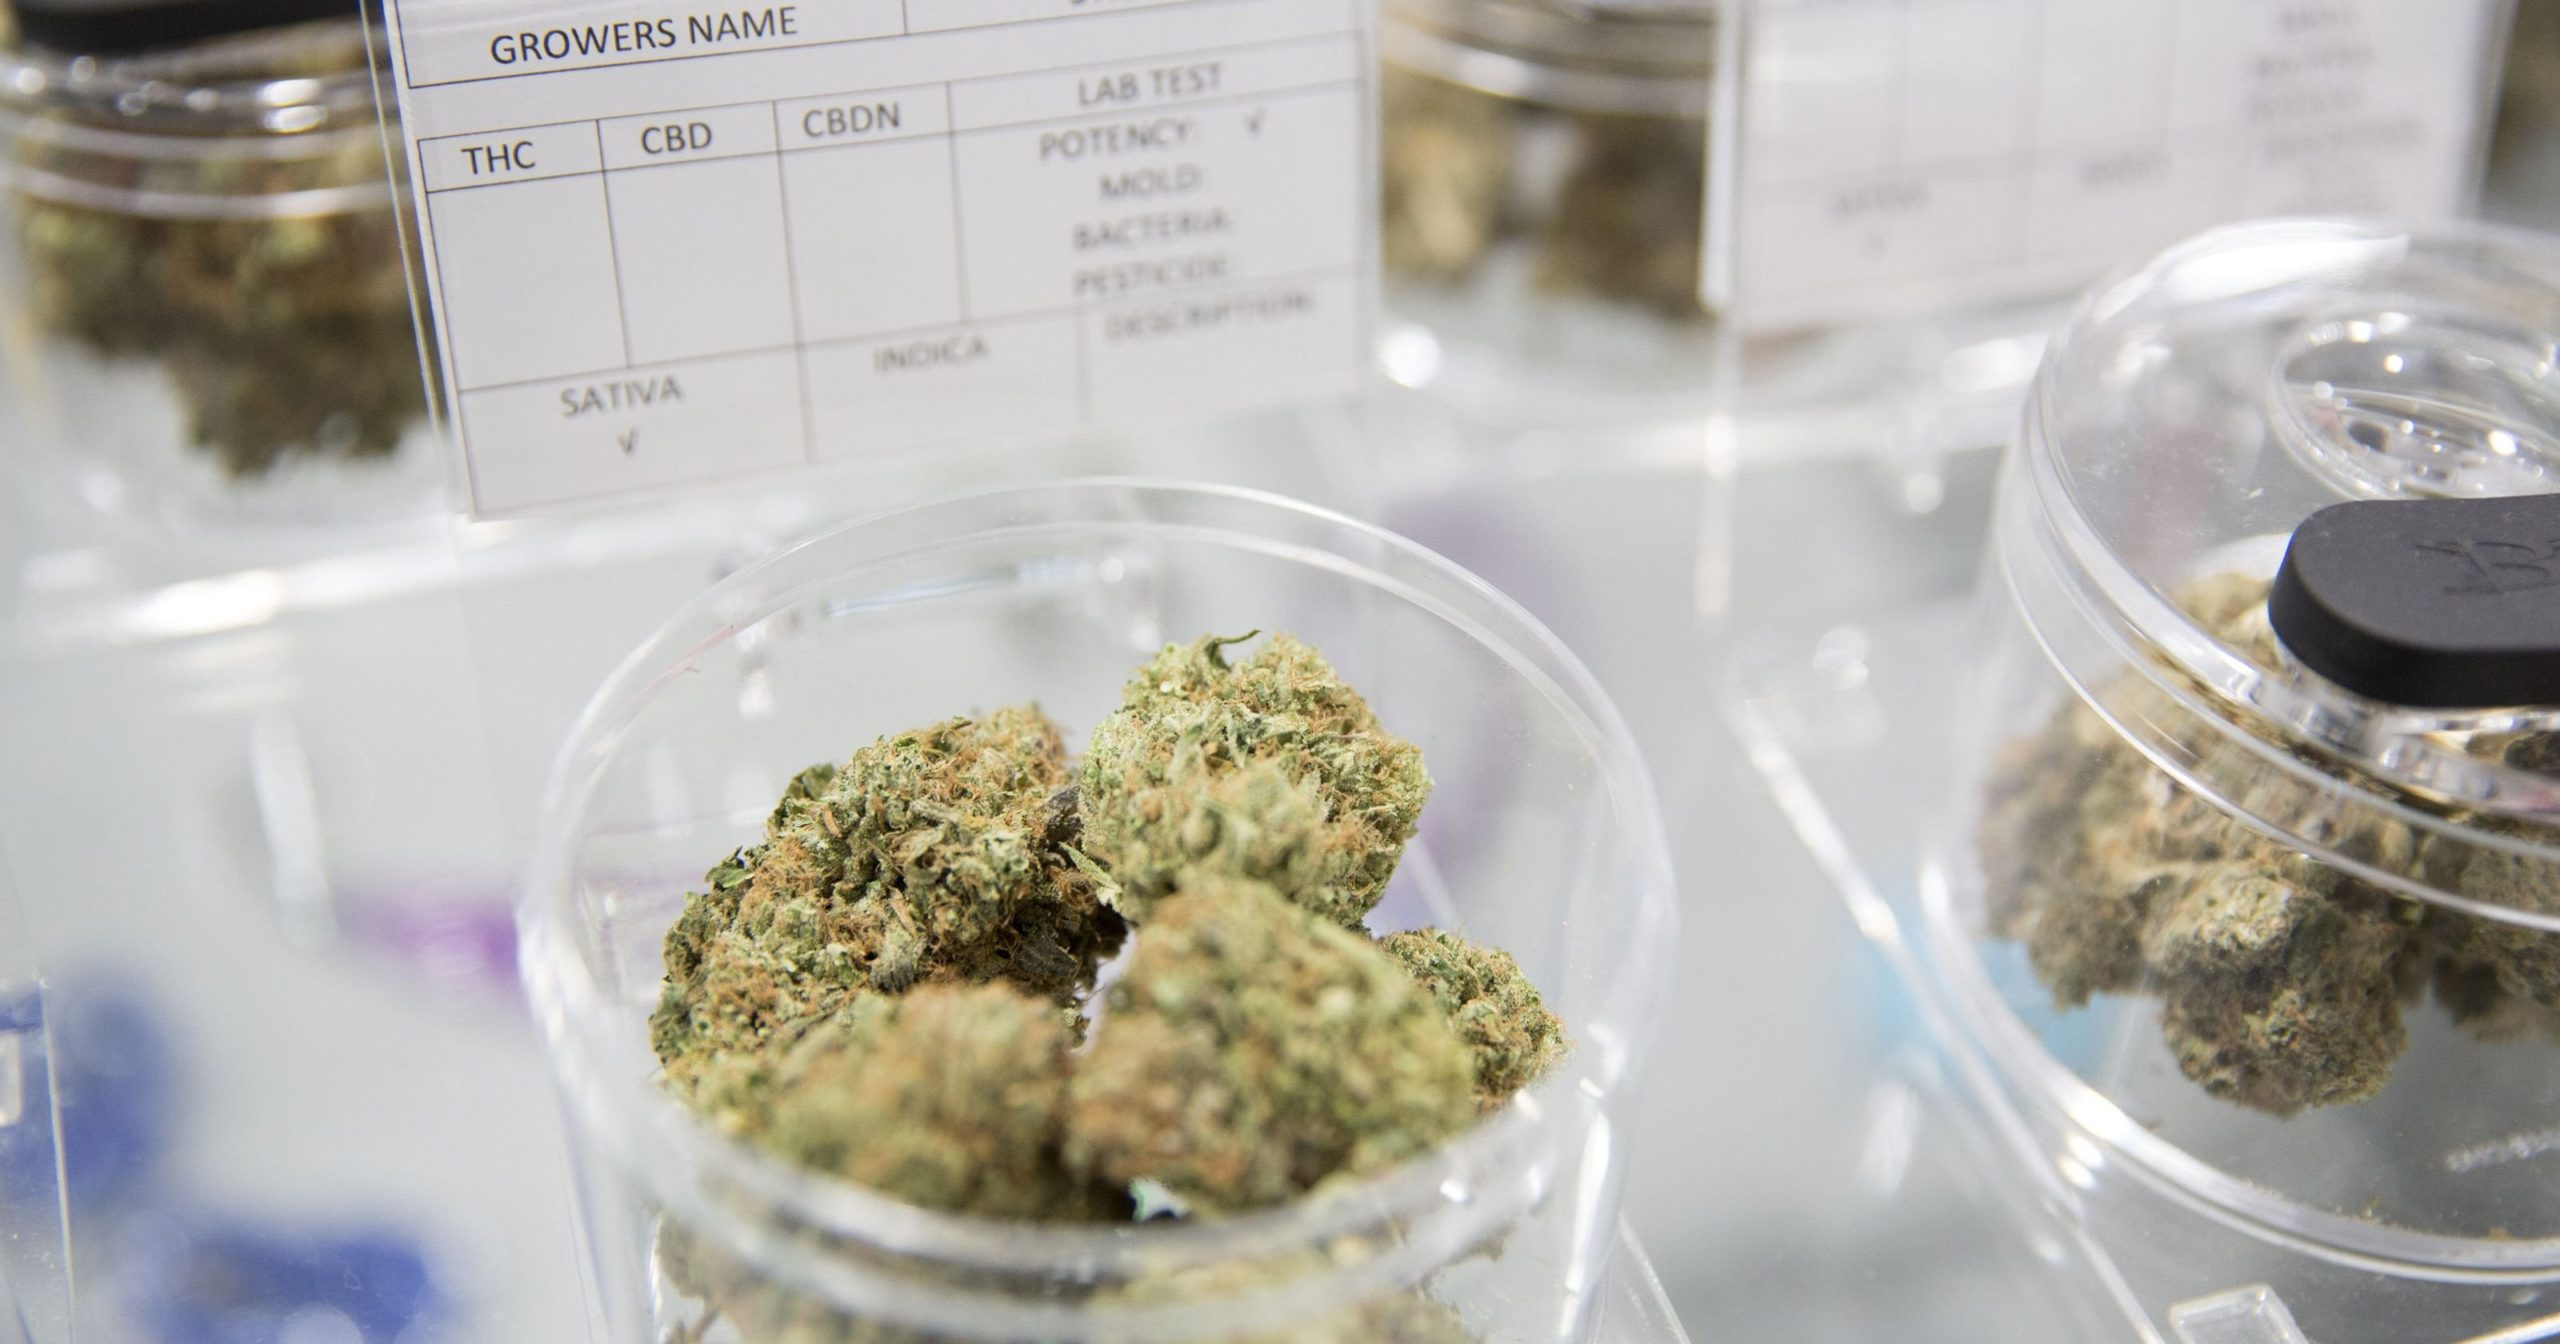 NJ to resume prosecution of marijuana offenses, legal weed hazy